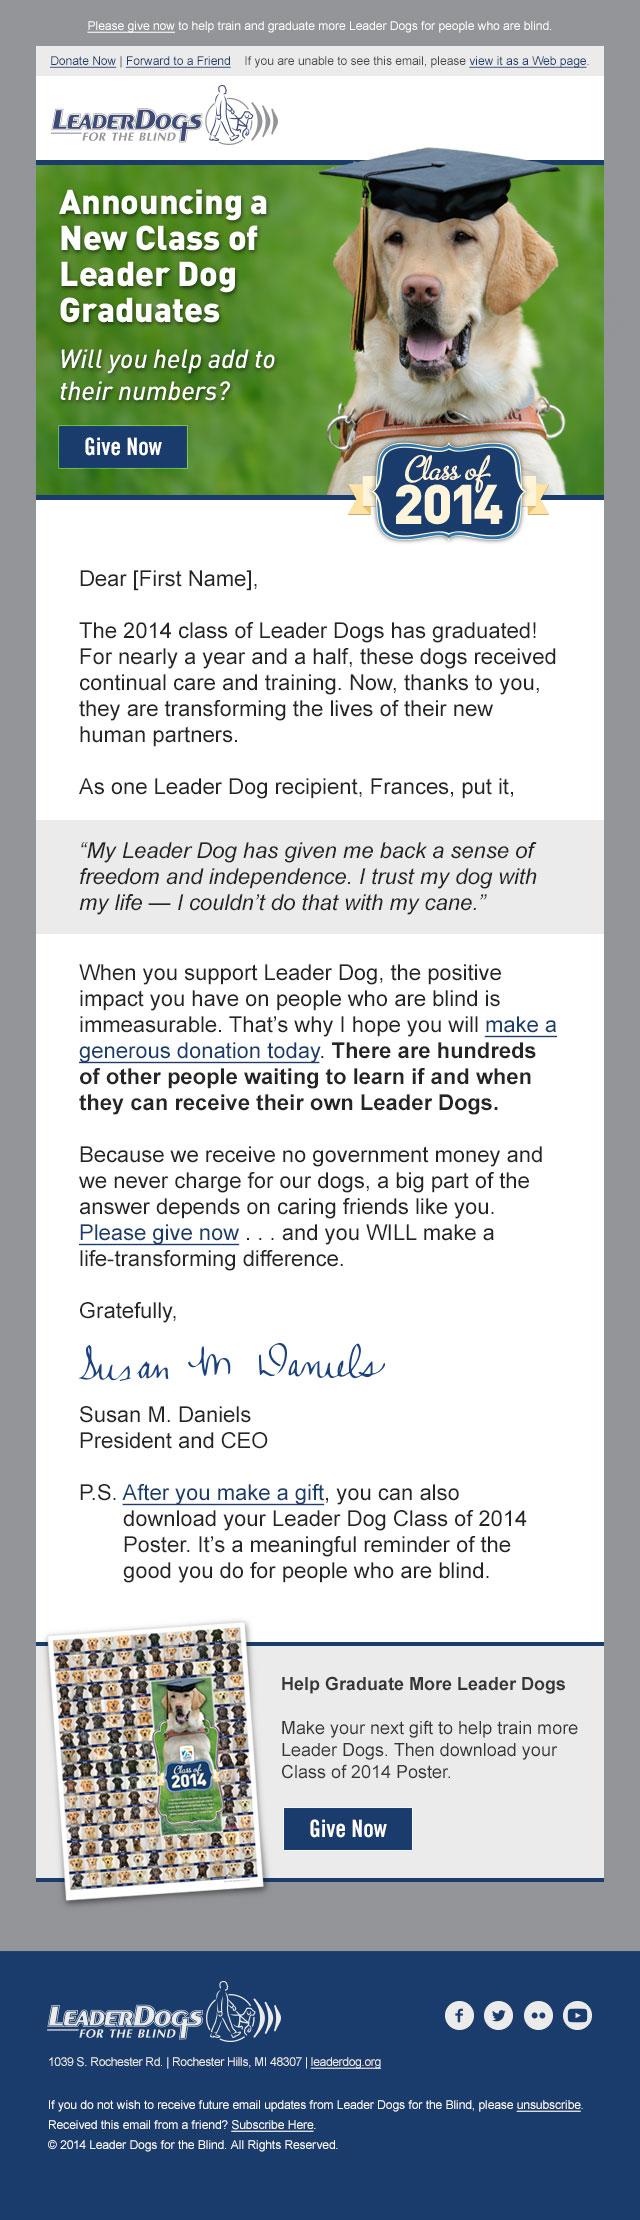 14IIDPSE-Leader-Dog-Poster-Online-Email.jpg